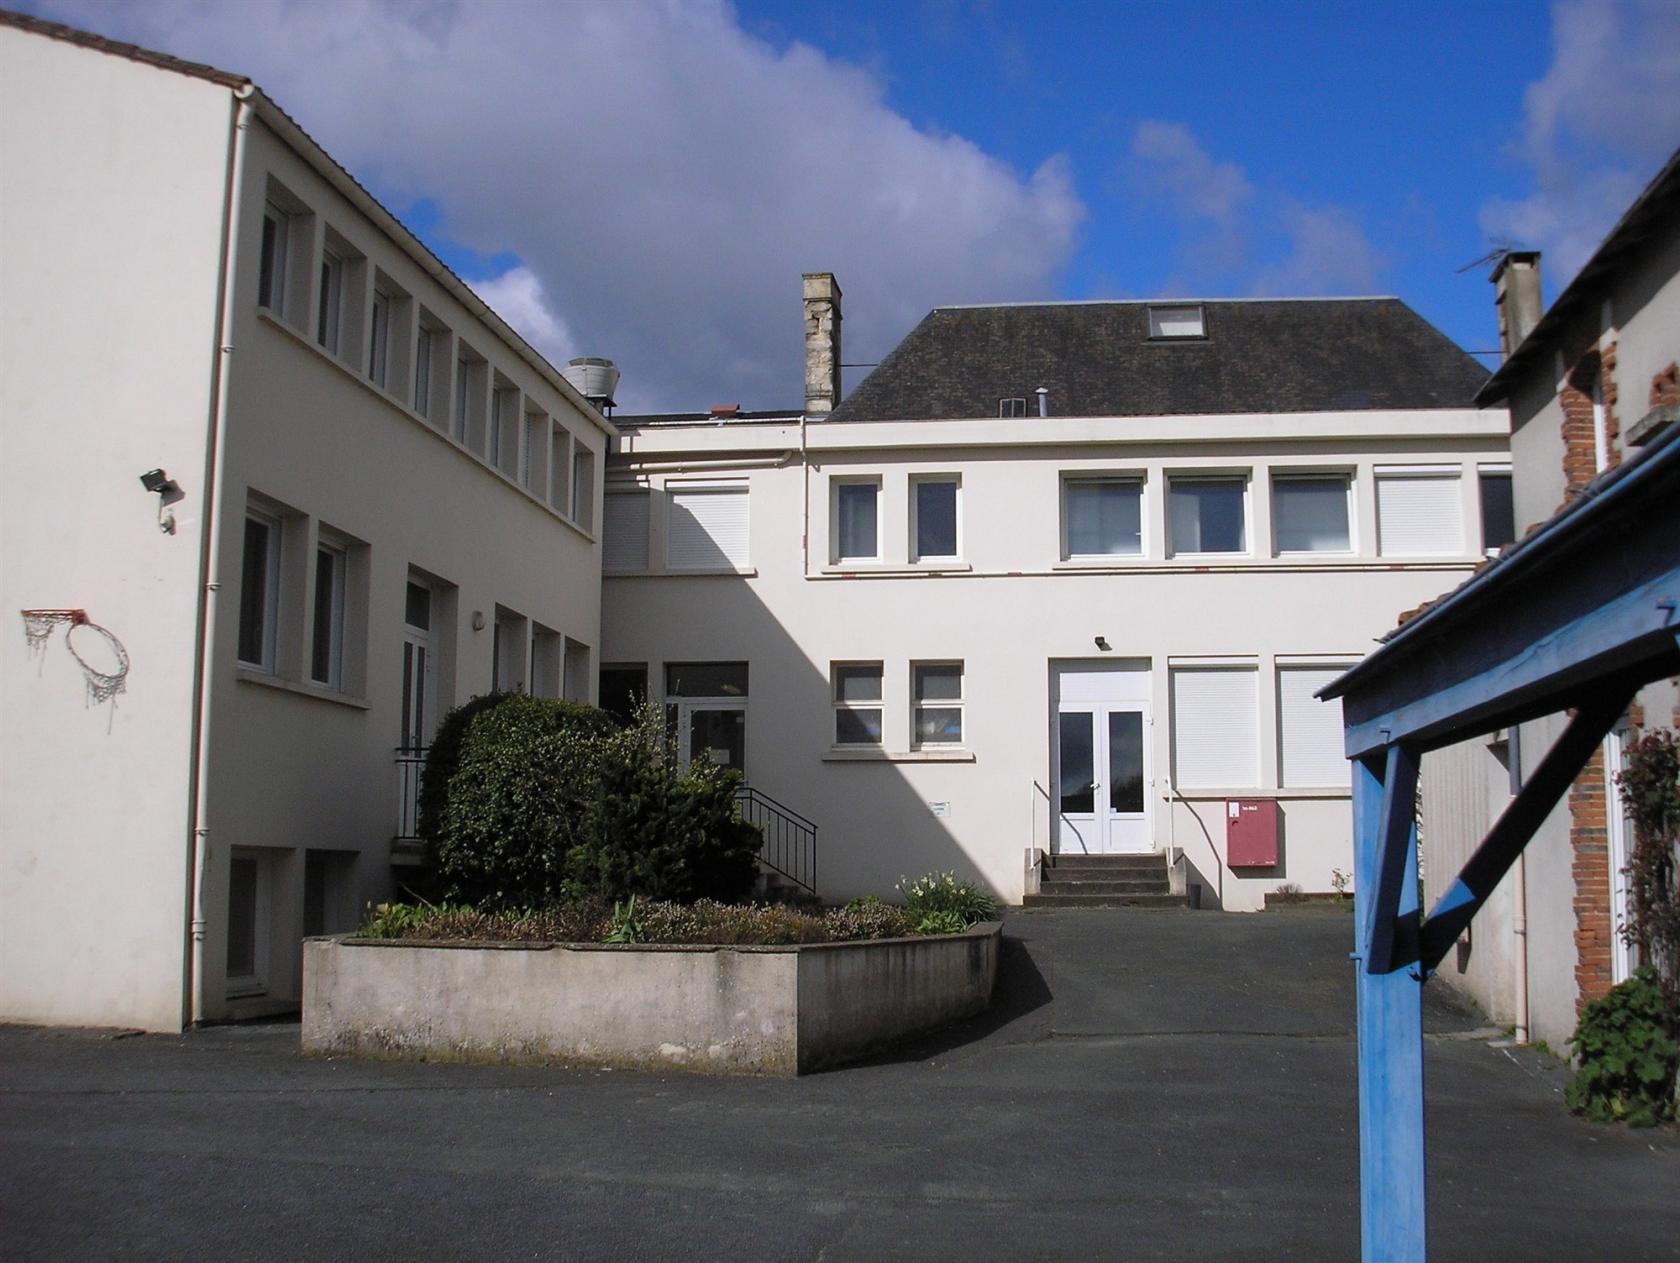 Maison familiale rurale, portes ouvertes Chantonnay